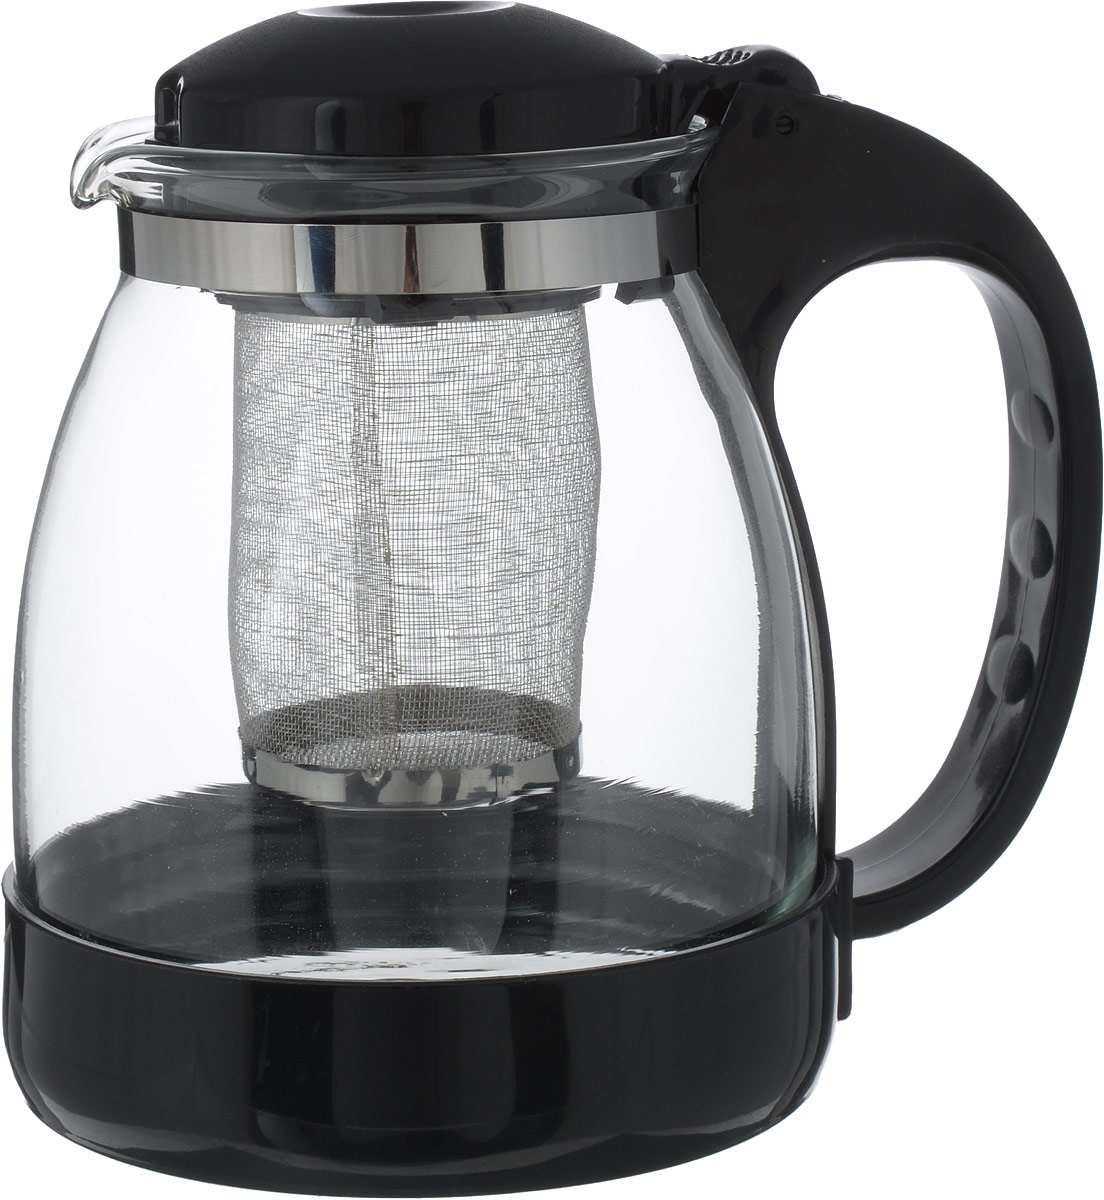 Чайник заварочный Irit, цвет: черный, 1 л чайник заварочный bohmann 1 1 л 7350 20mrb